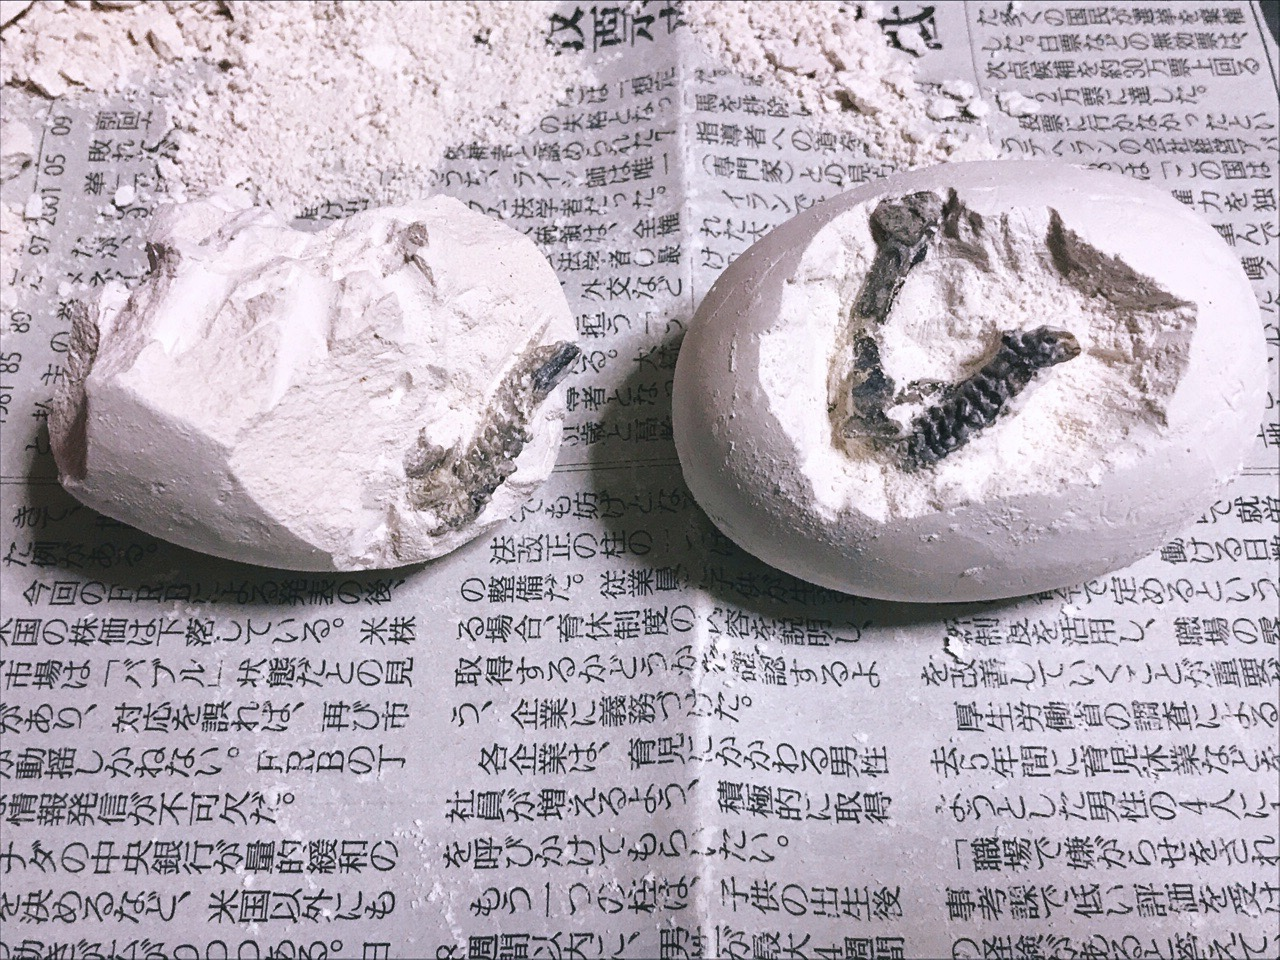 化石が少し見えてきた様子の画像